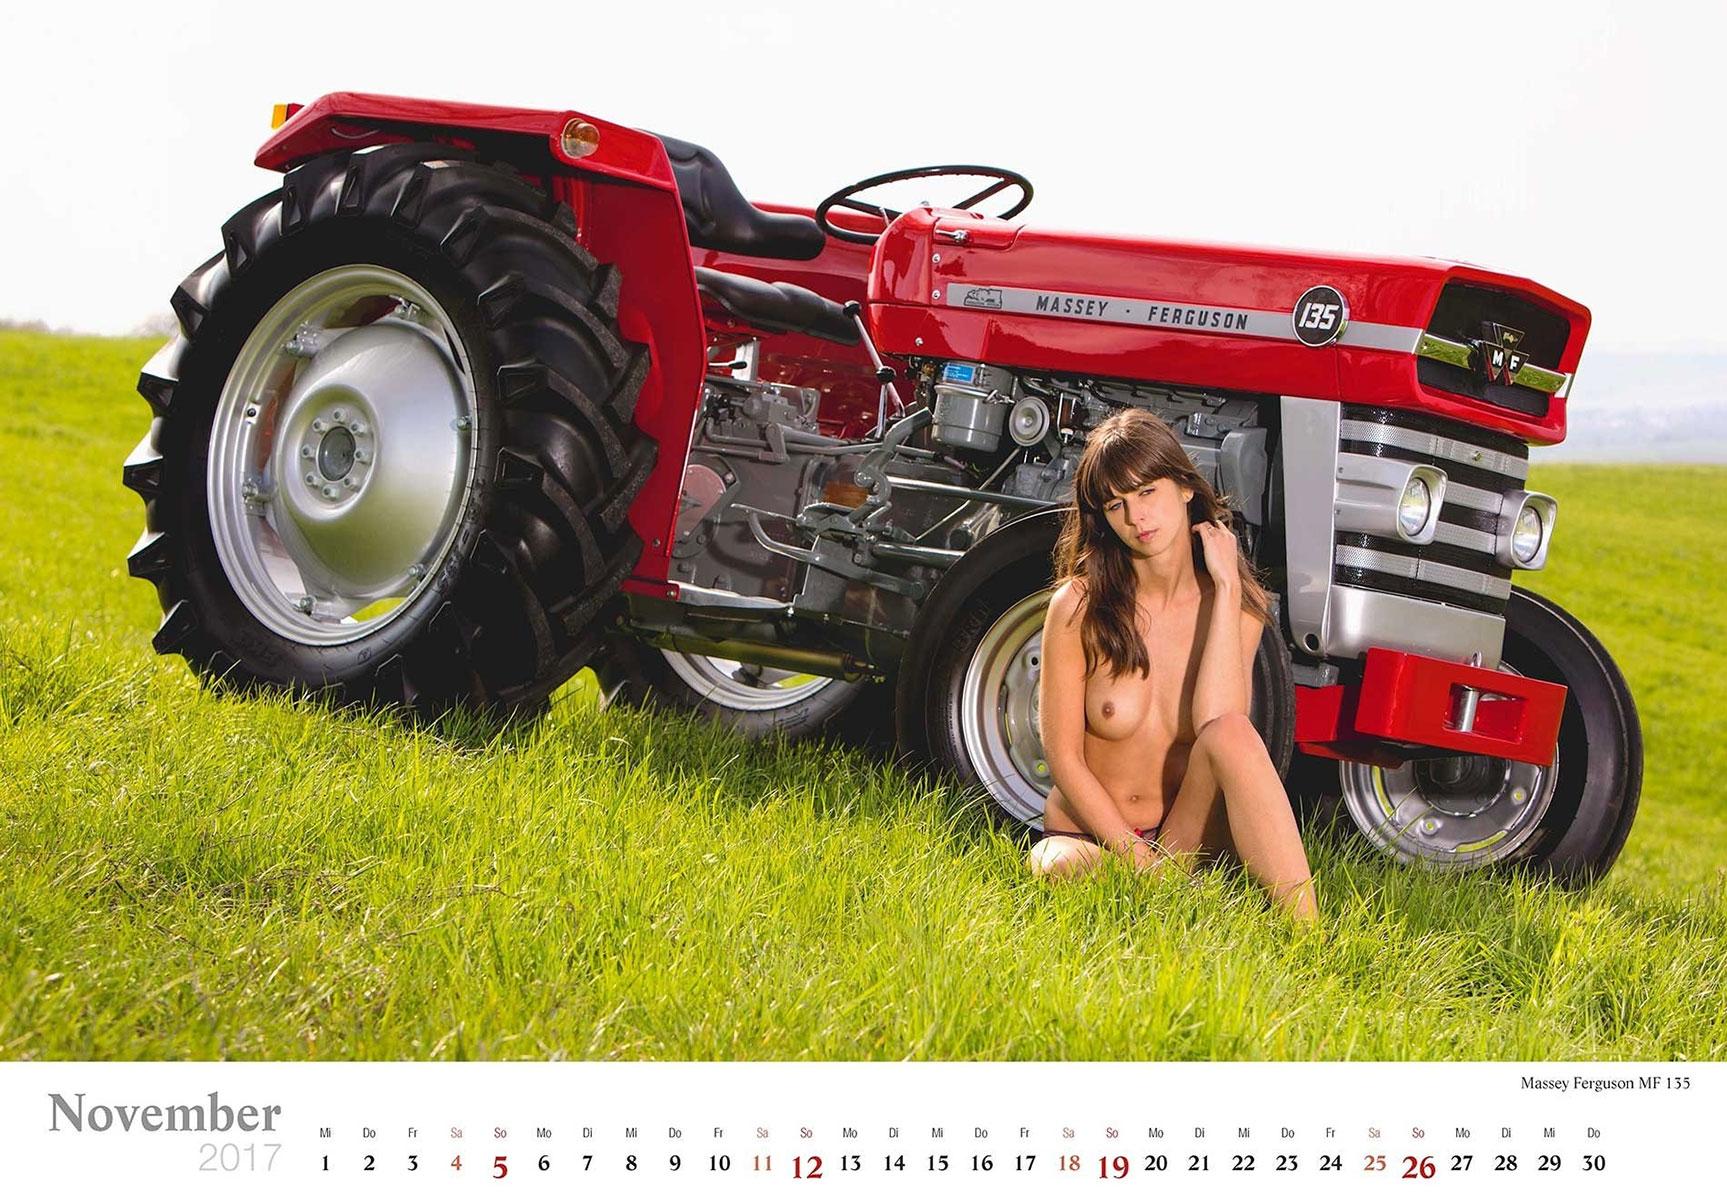 Девушки и трактора в эротическом календаре 2017 / Massey Ferguson MF 135 - Jungbauerntraume calendar 2017